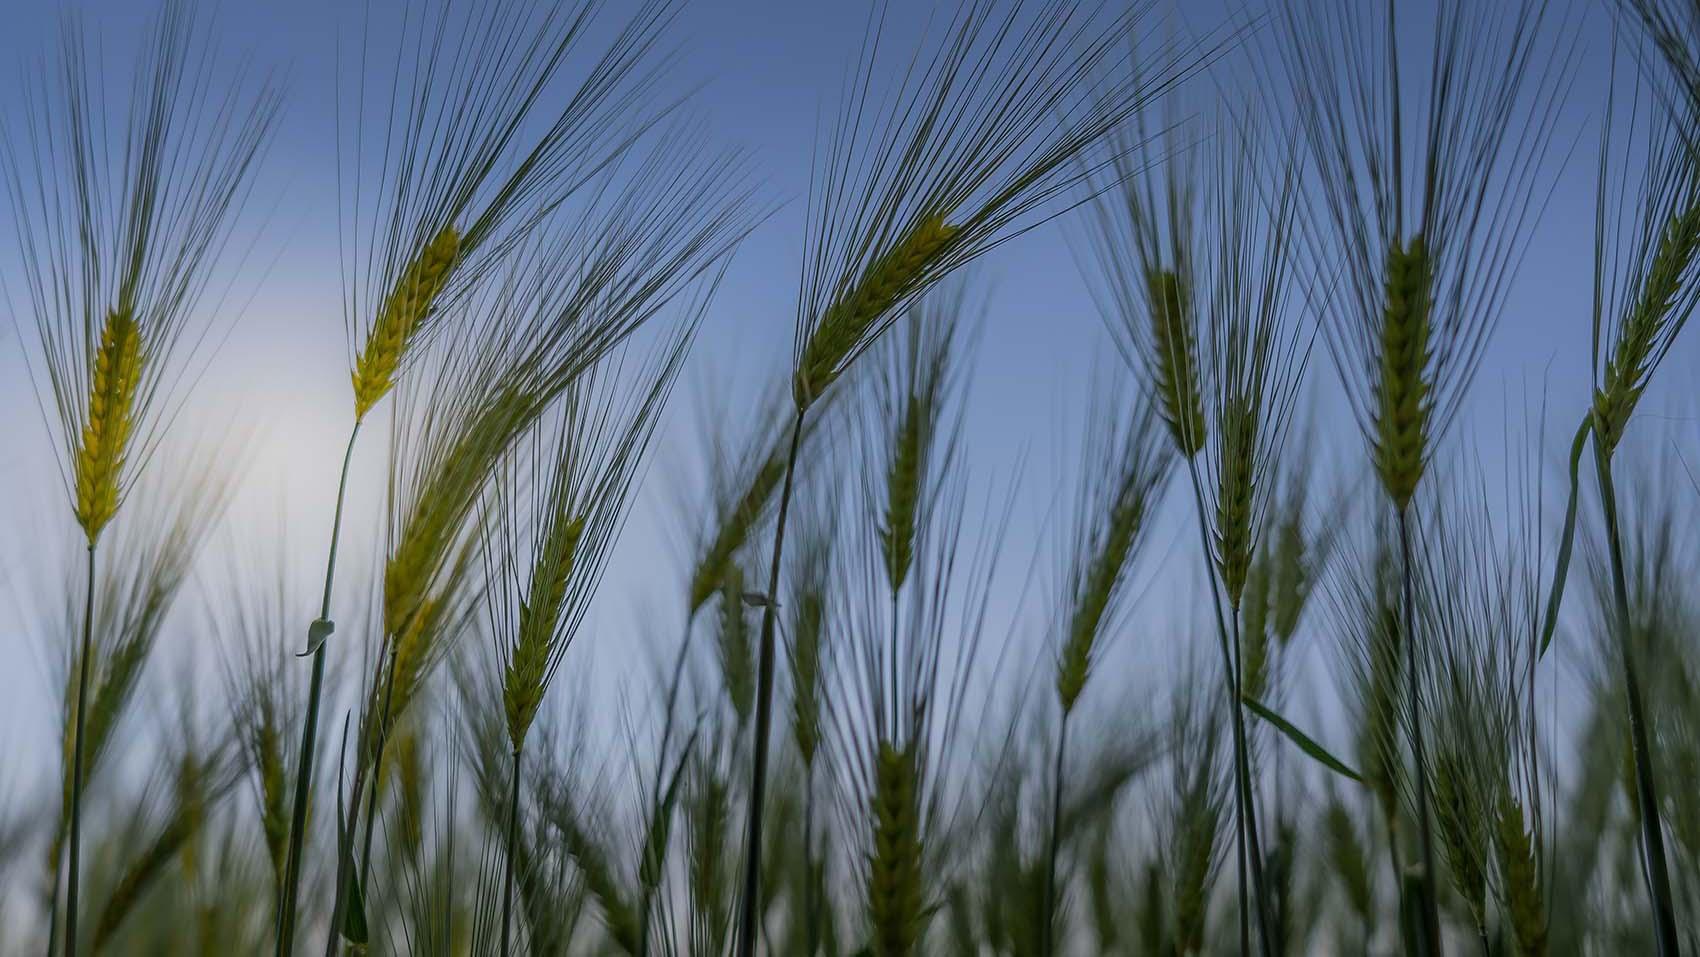 Australia Barley Export Market in 2020